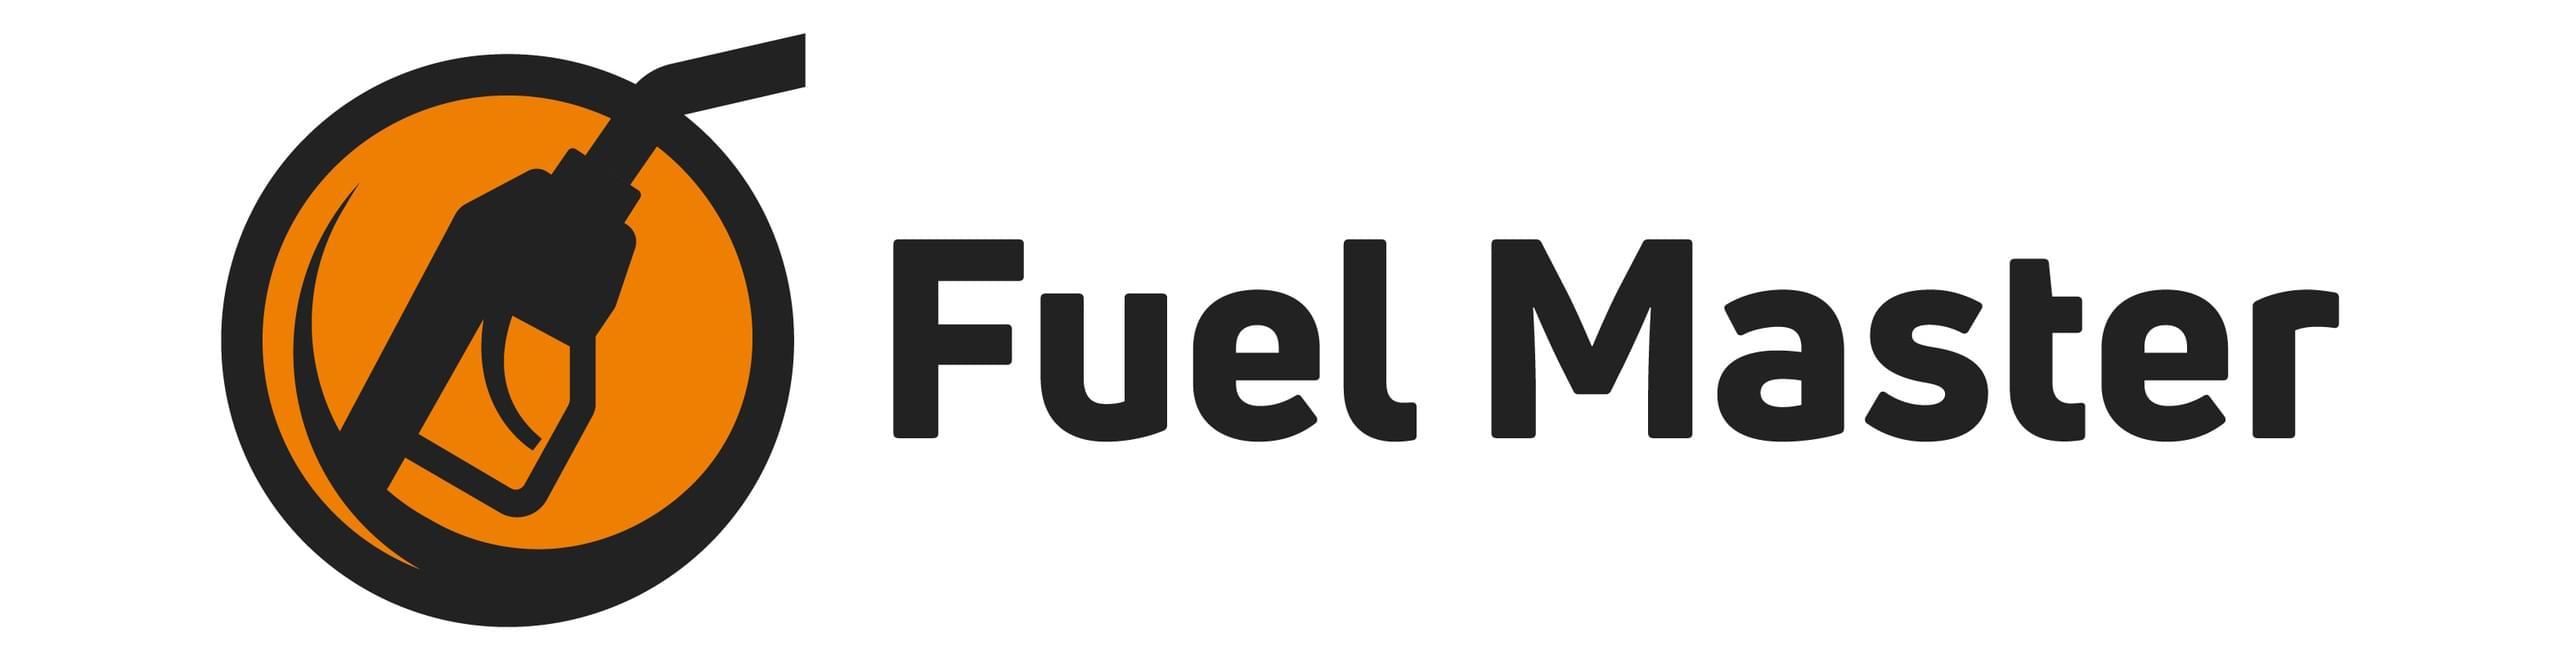 Логотип Fuel Master